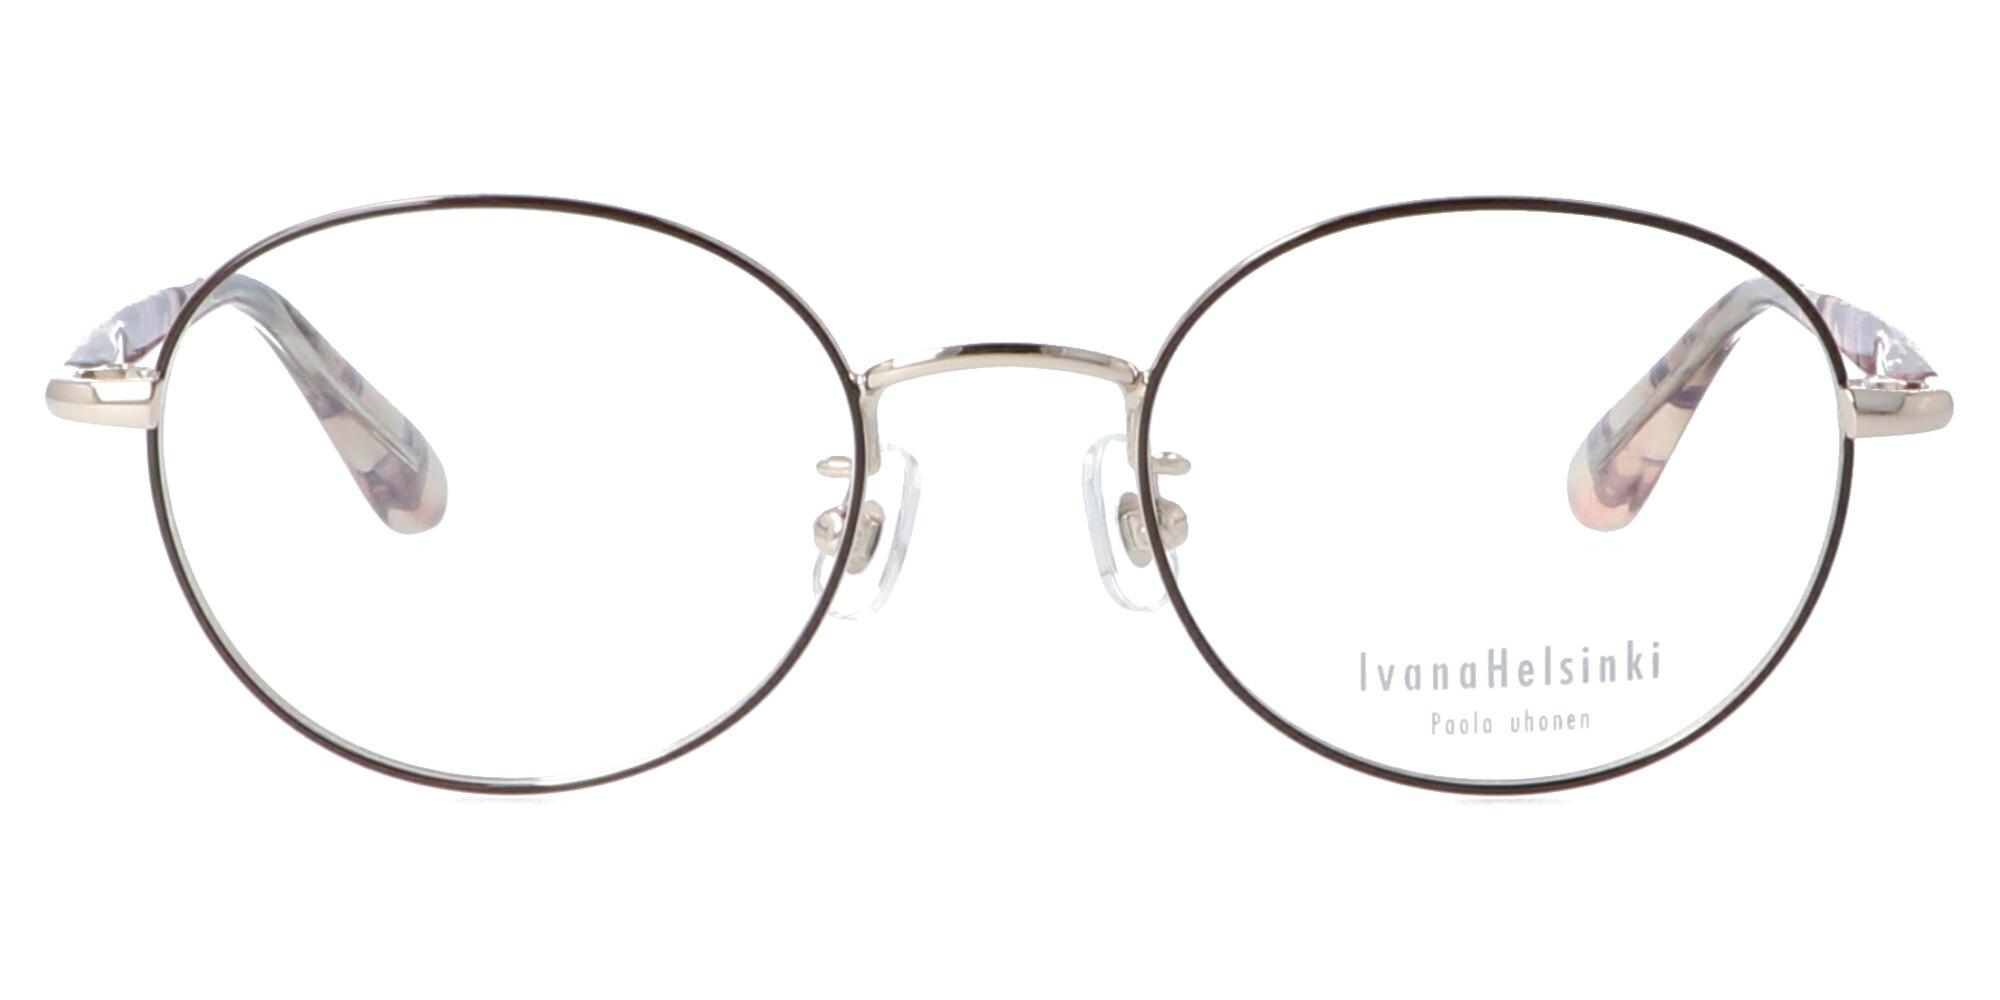 イヴァナヘルシンキ IH-202_49_ホワイトゴールド/ブラウン